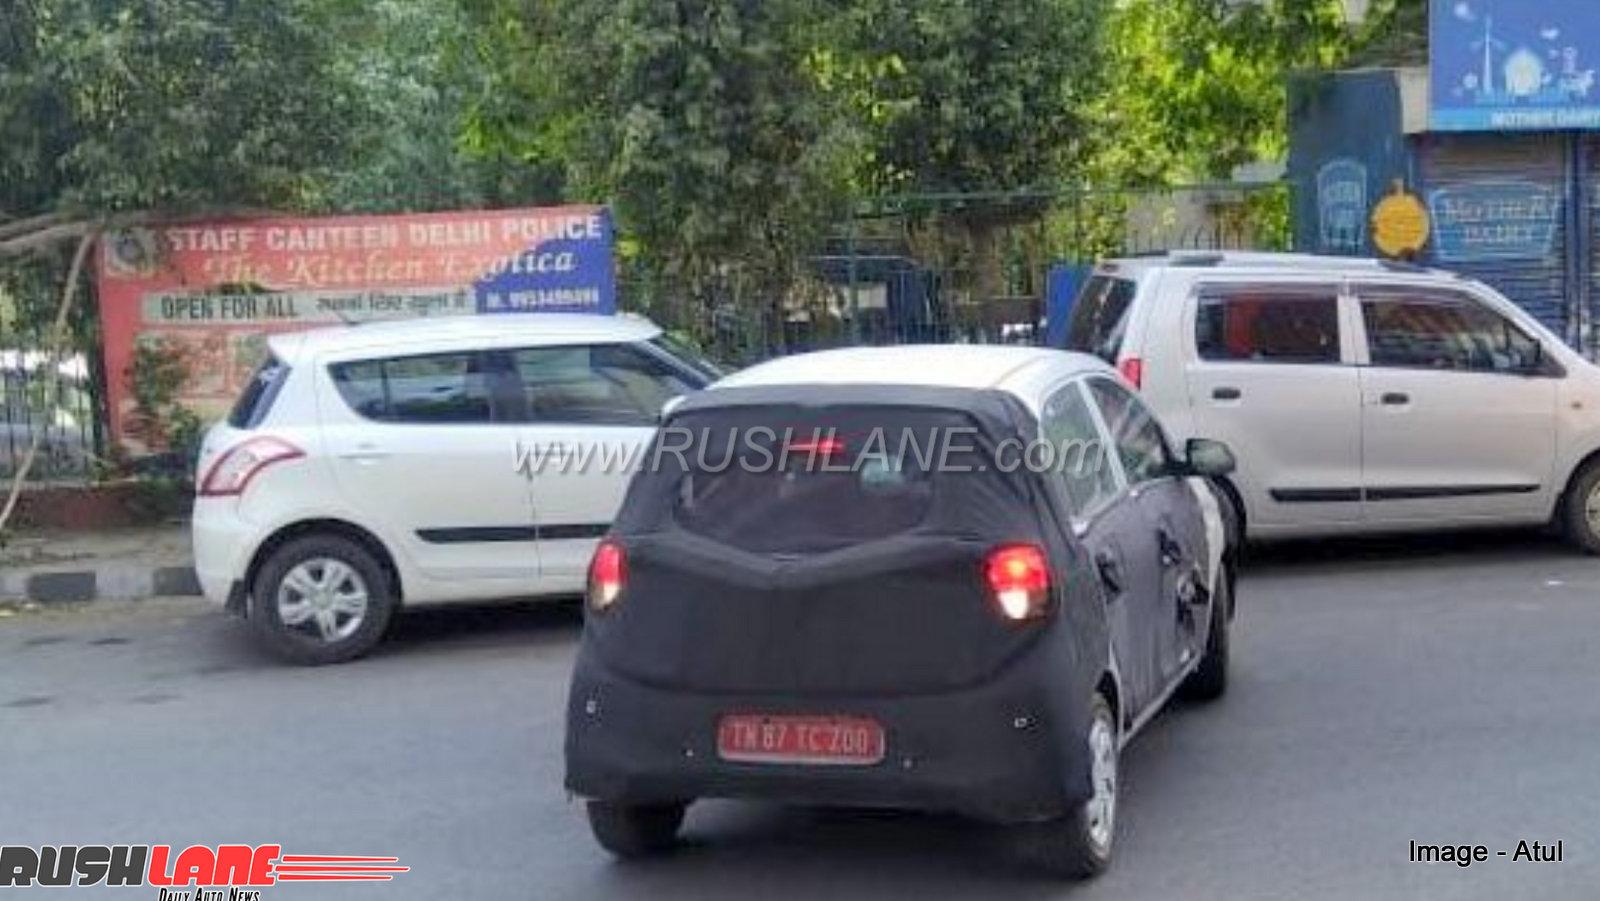 2018 hyundai santro spied next to maruti swift, alto, wagonr